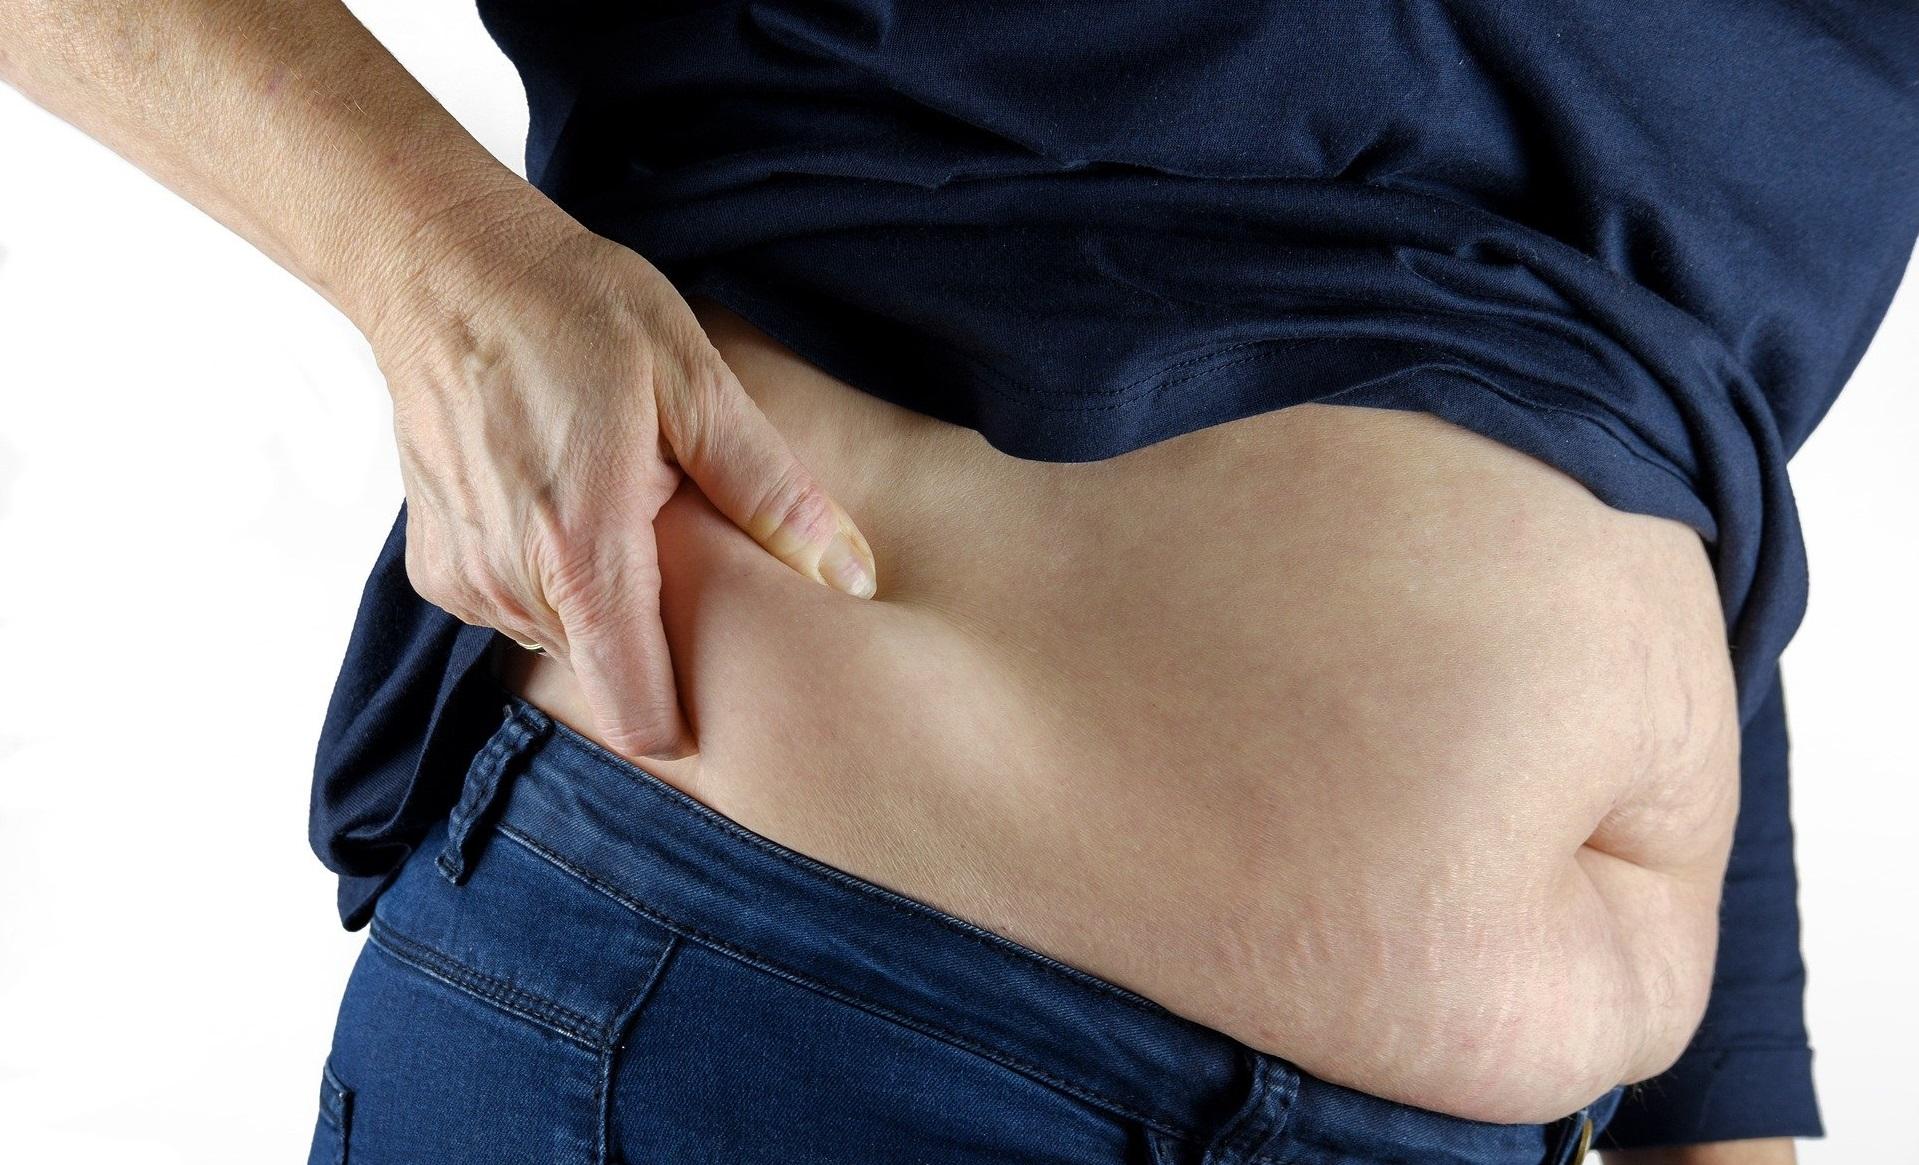 Ali so visoko beljakovinski prehranski nadomestki ključ za vzdrževanje zdrave telesne teže?